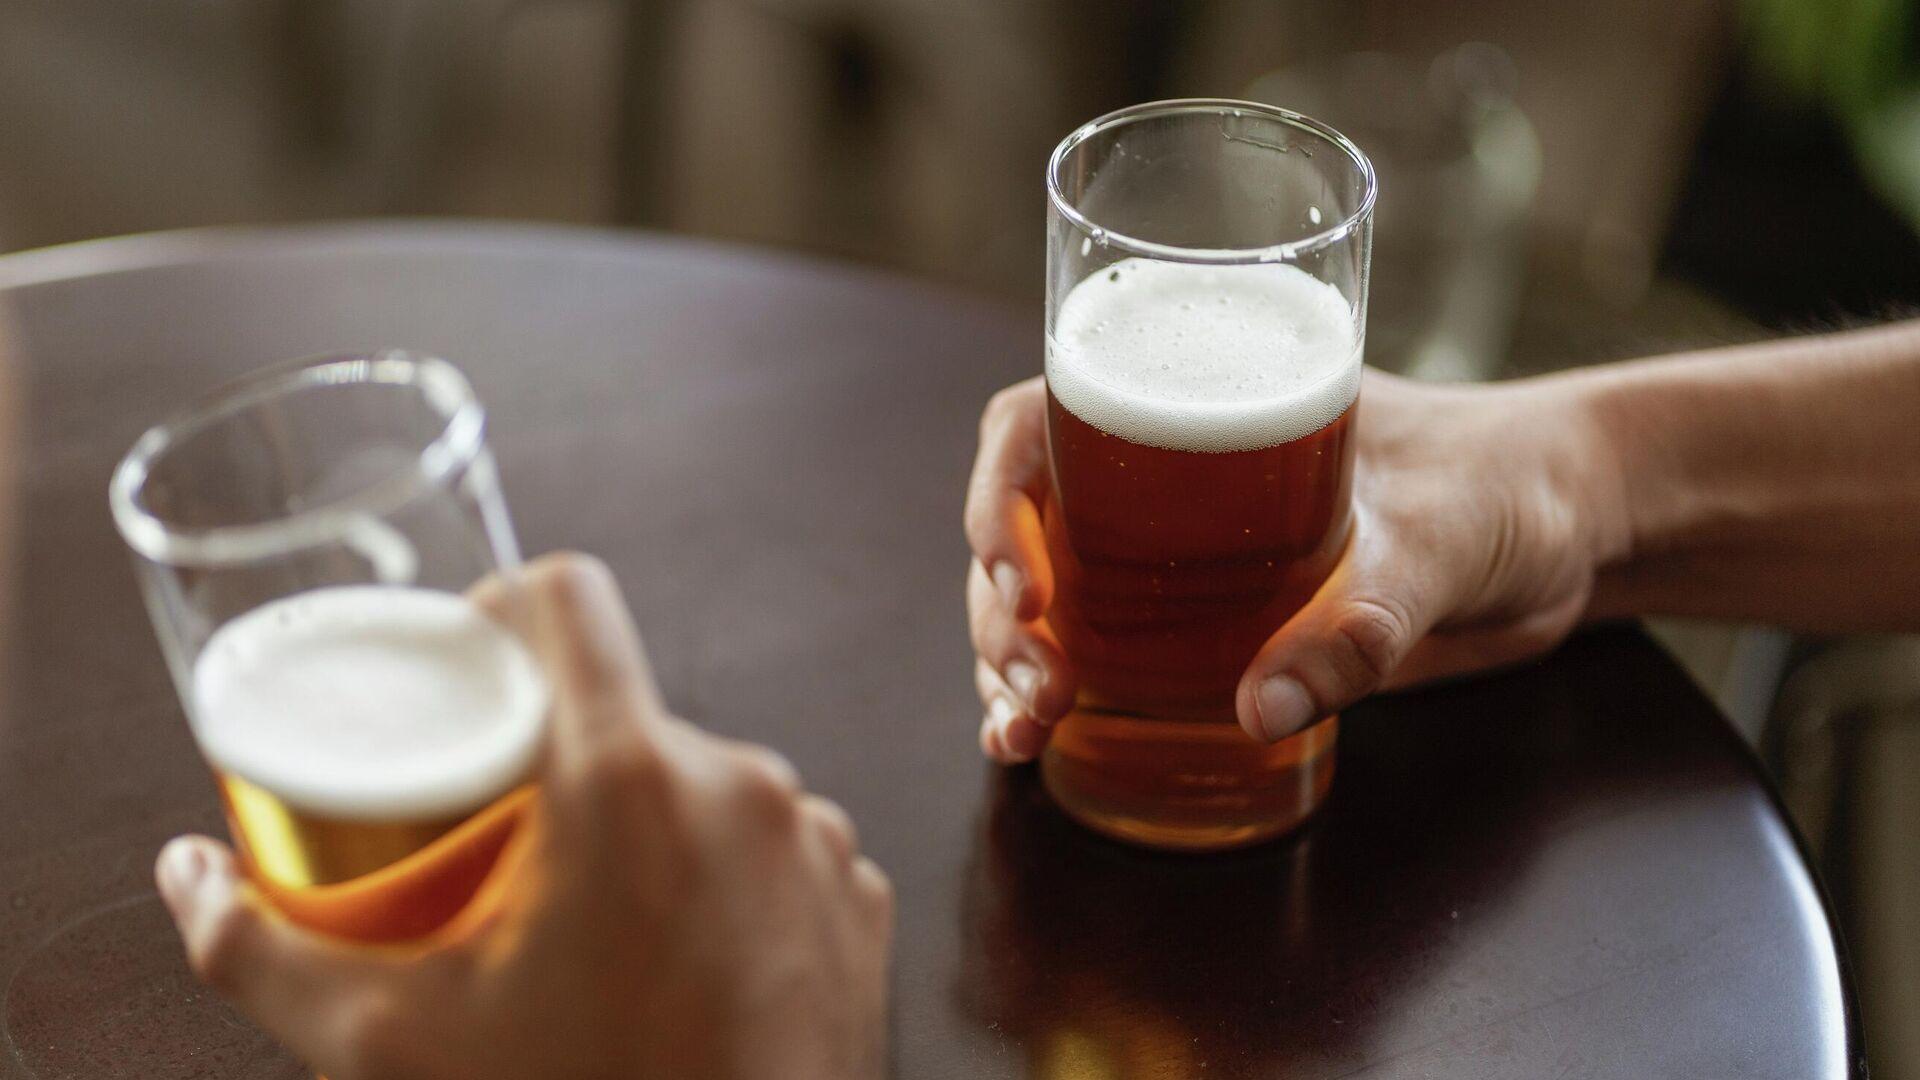 Cerveza, imagen referencial - Sputnik Mundo, 1920, 09.07.2021